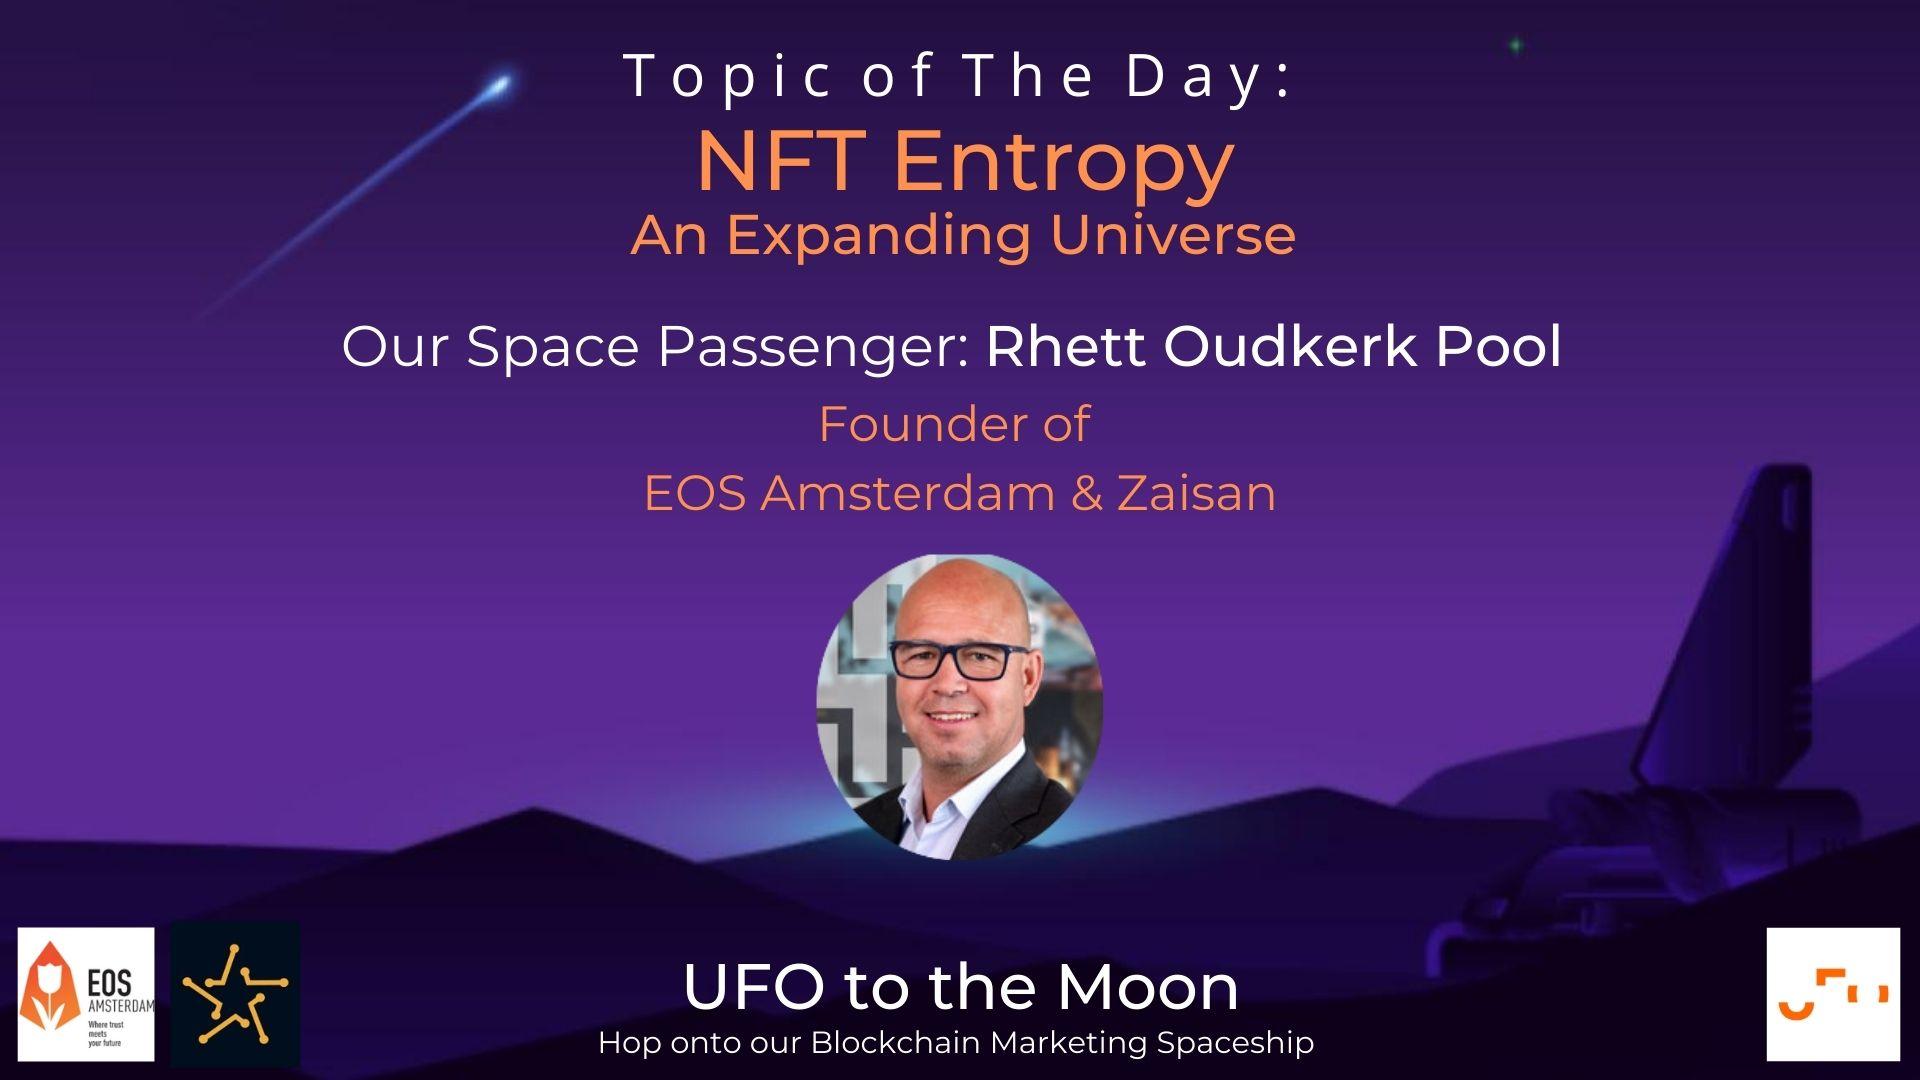 Rhett Oudkerk Pool, CEO & founder of EOS Amsterdam